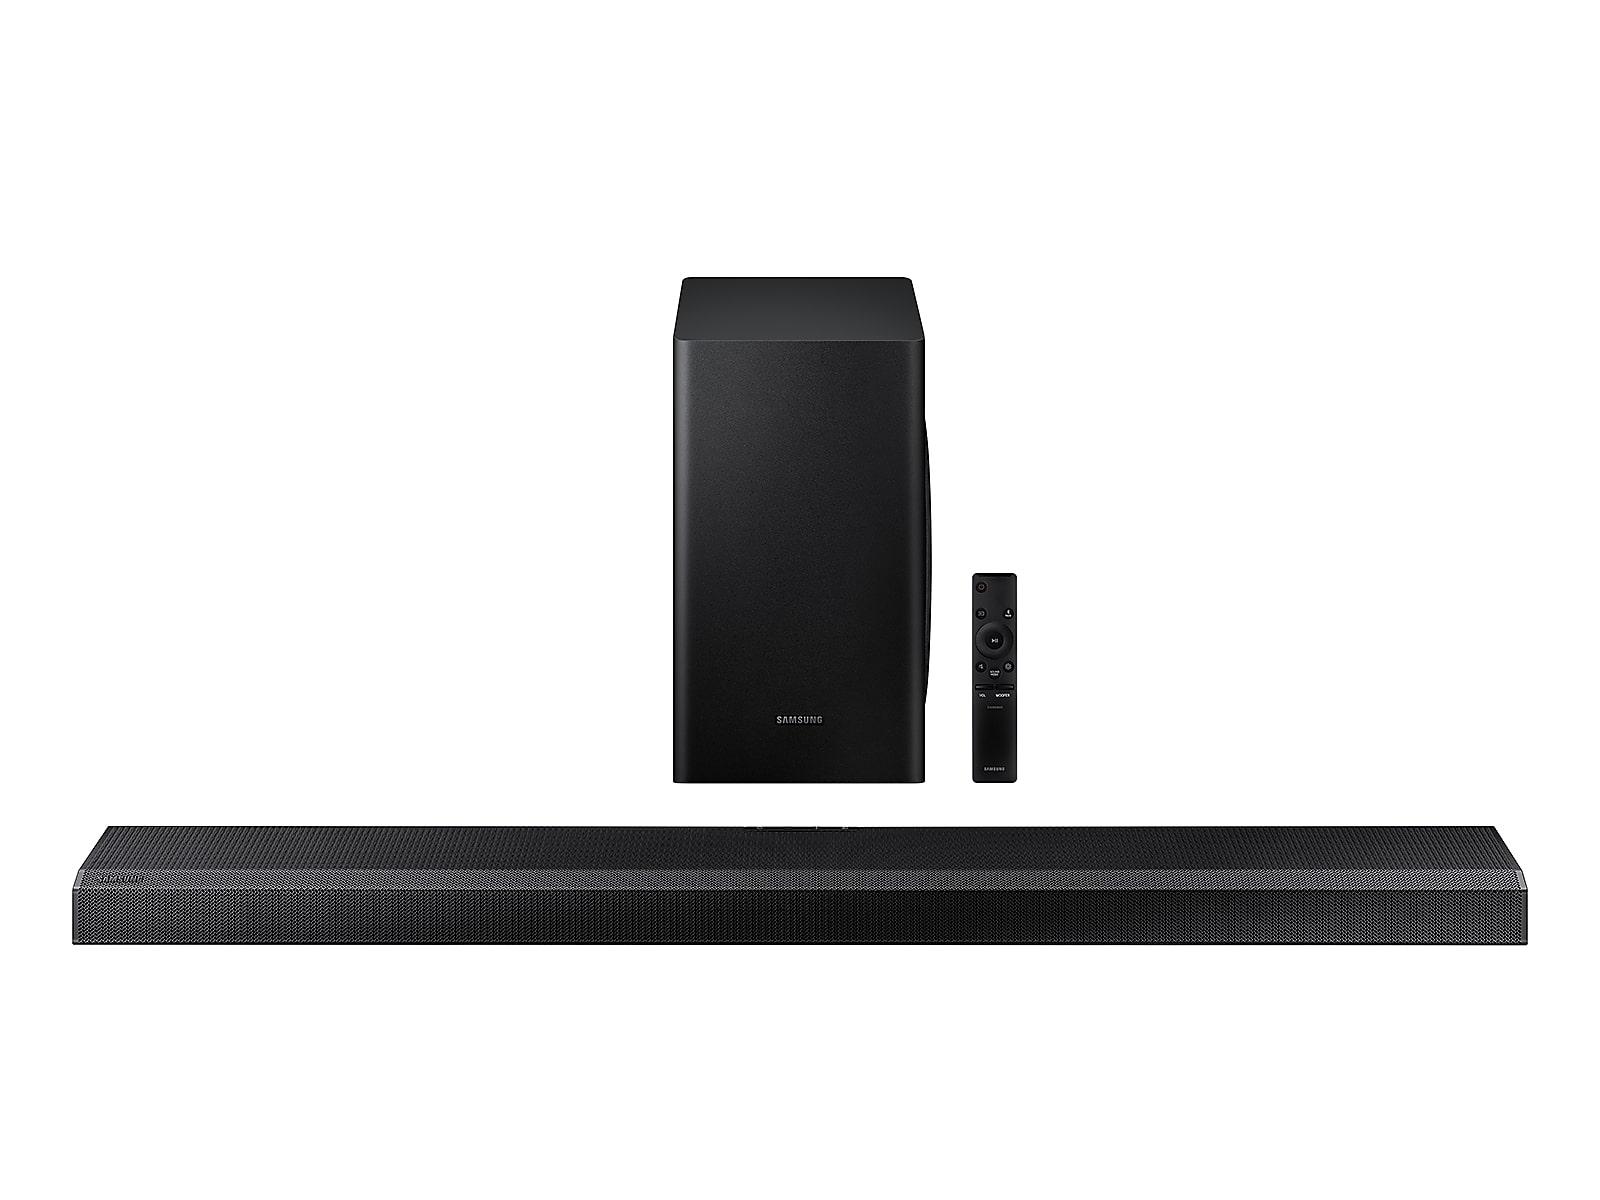 Samsung HW-Q70T 3.1.2ch Soundbar w/ Dolby Atmos / DTS:X in Black (2020)